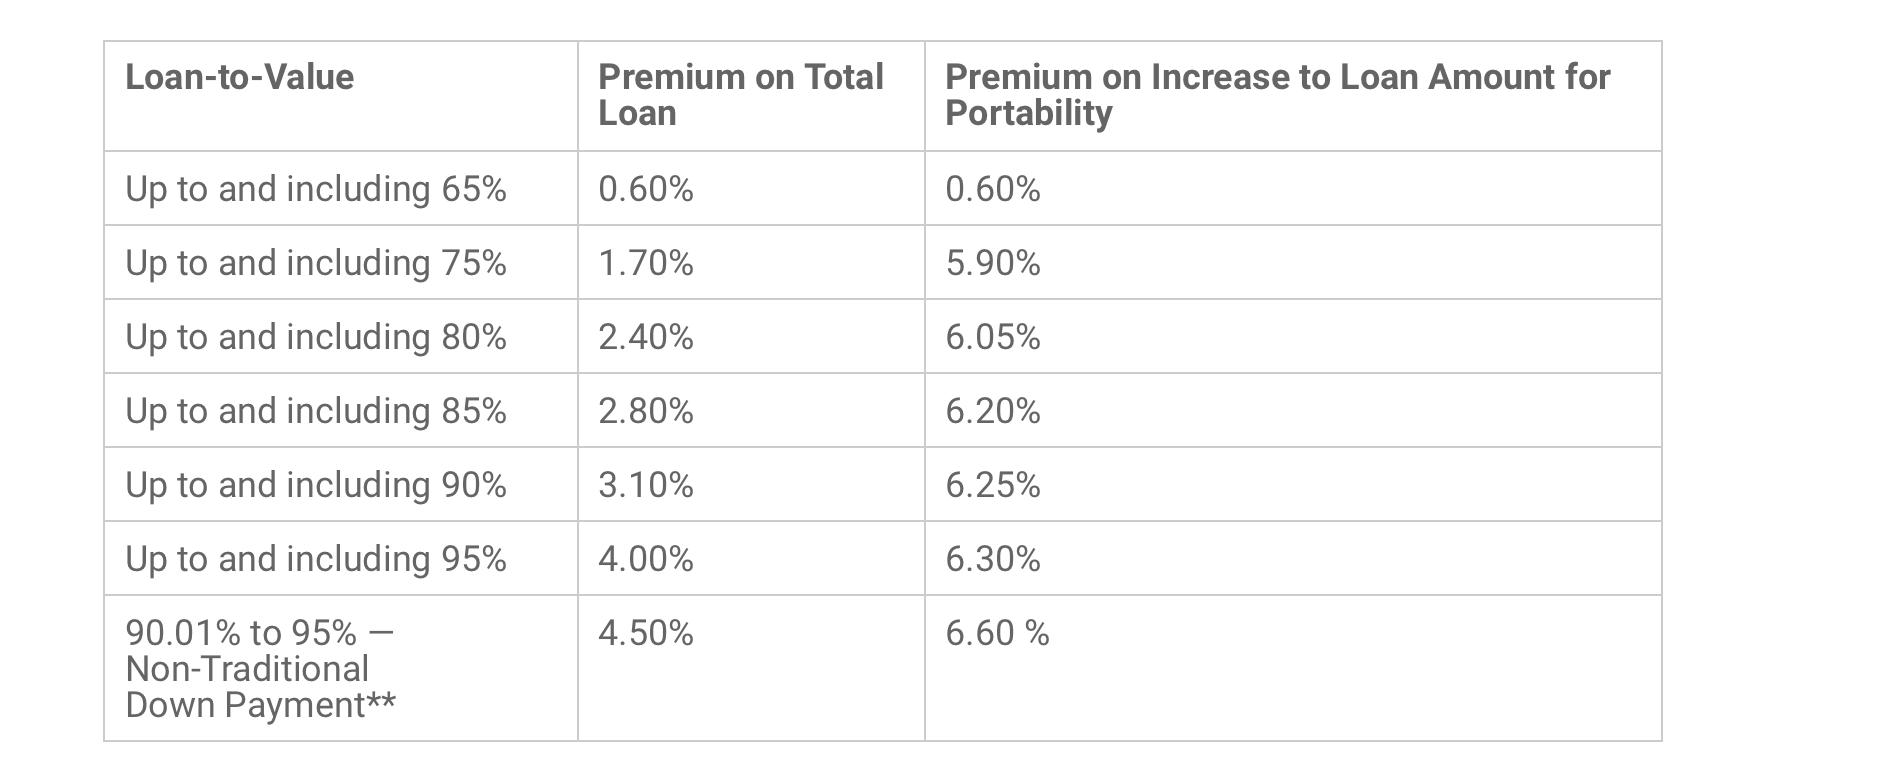 CMHC Premium